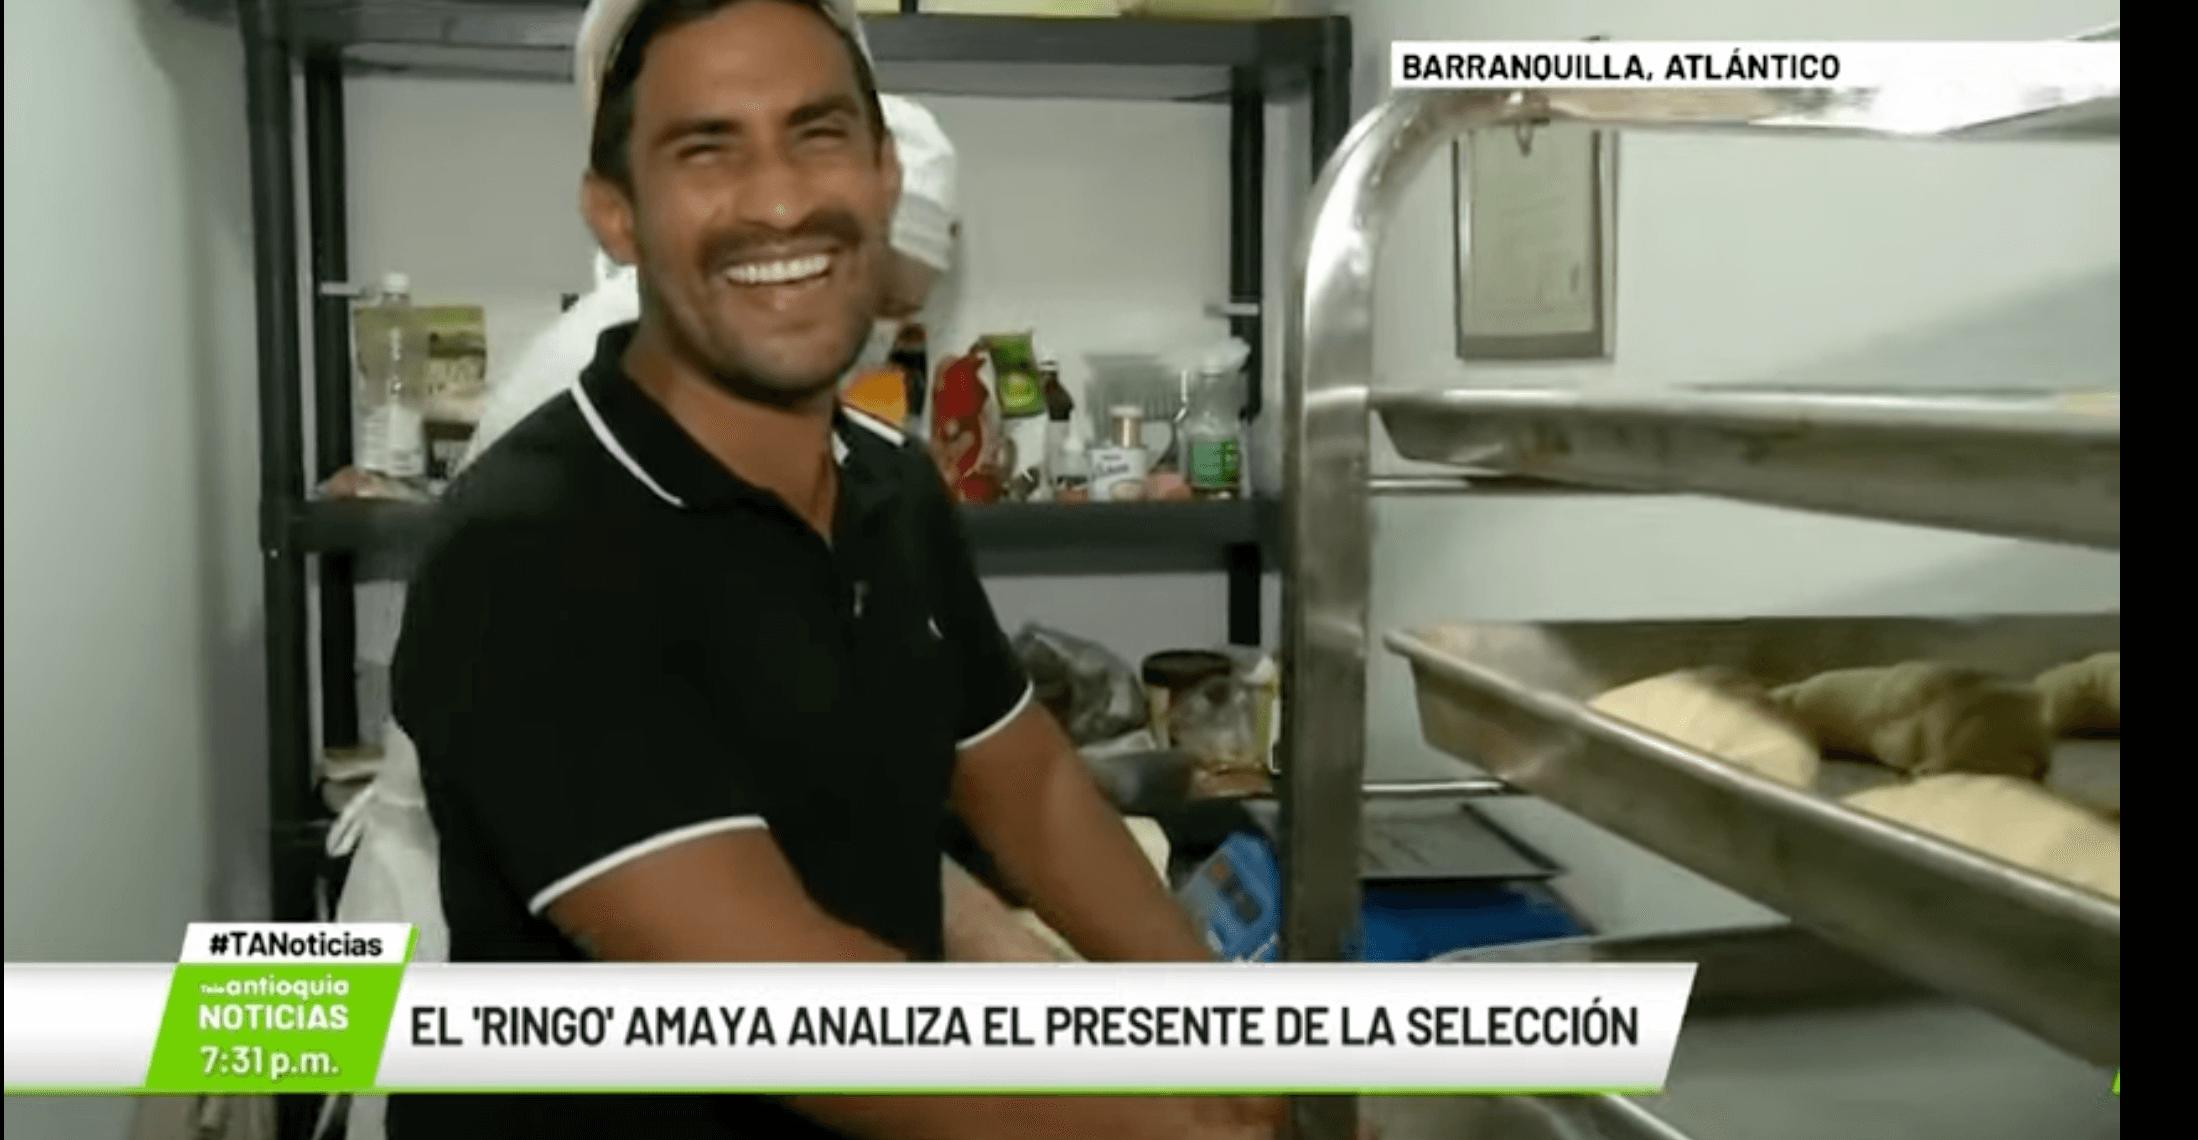 Teleantioquia Noticias con la Selección en Barranquilla